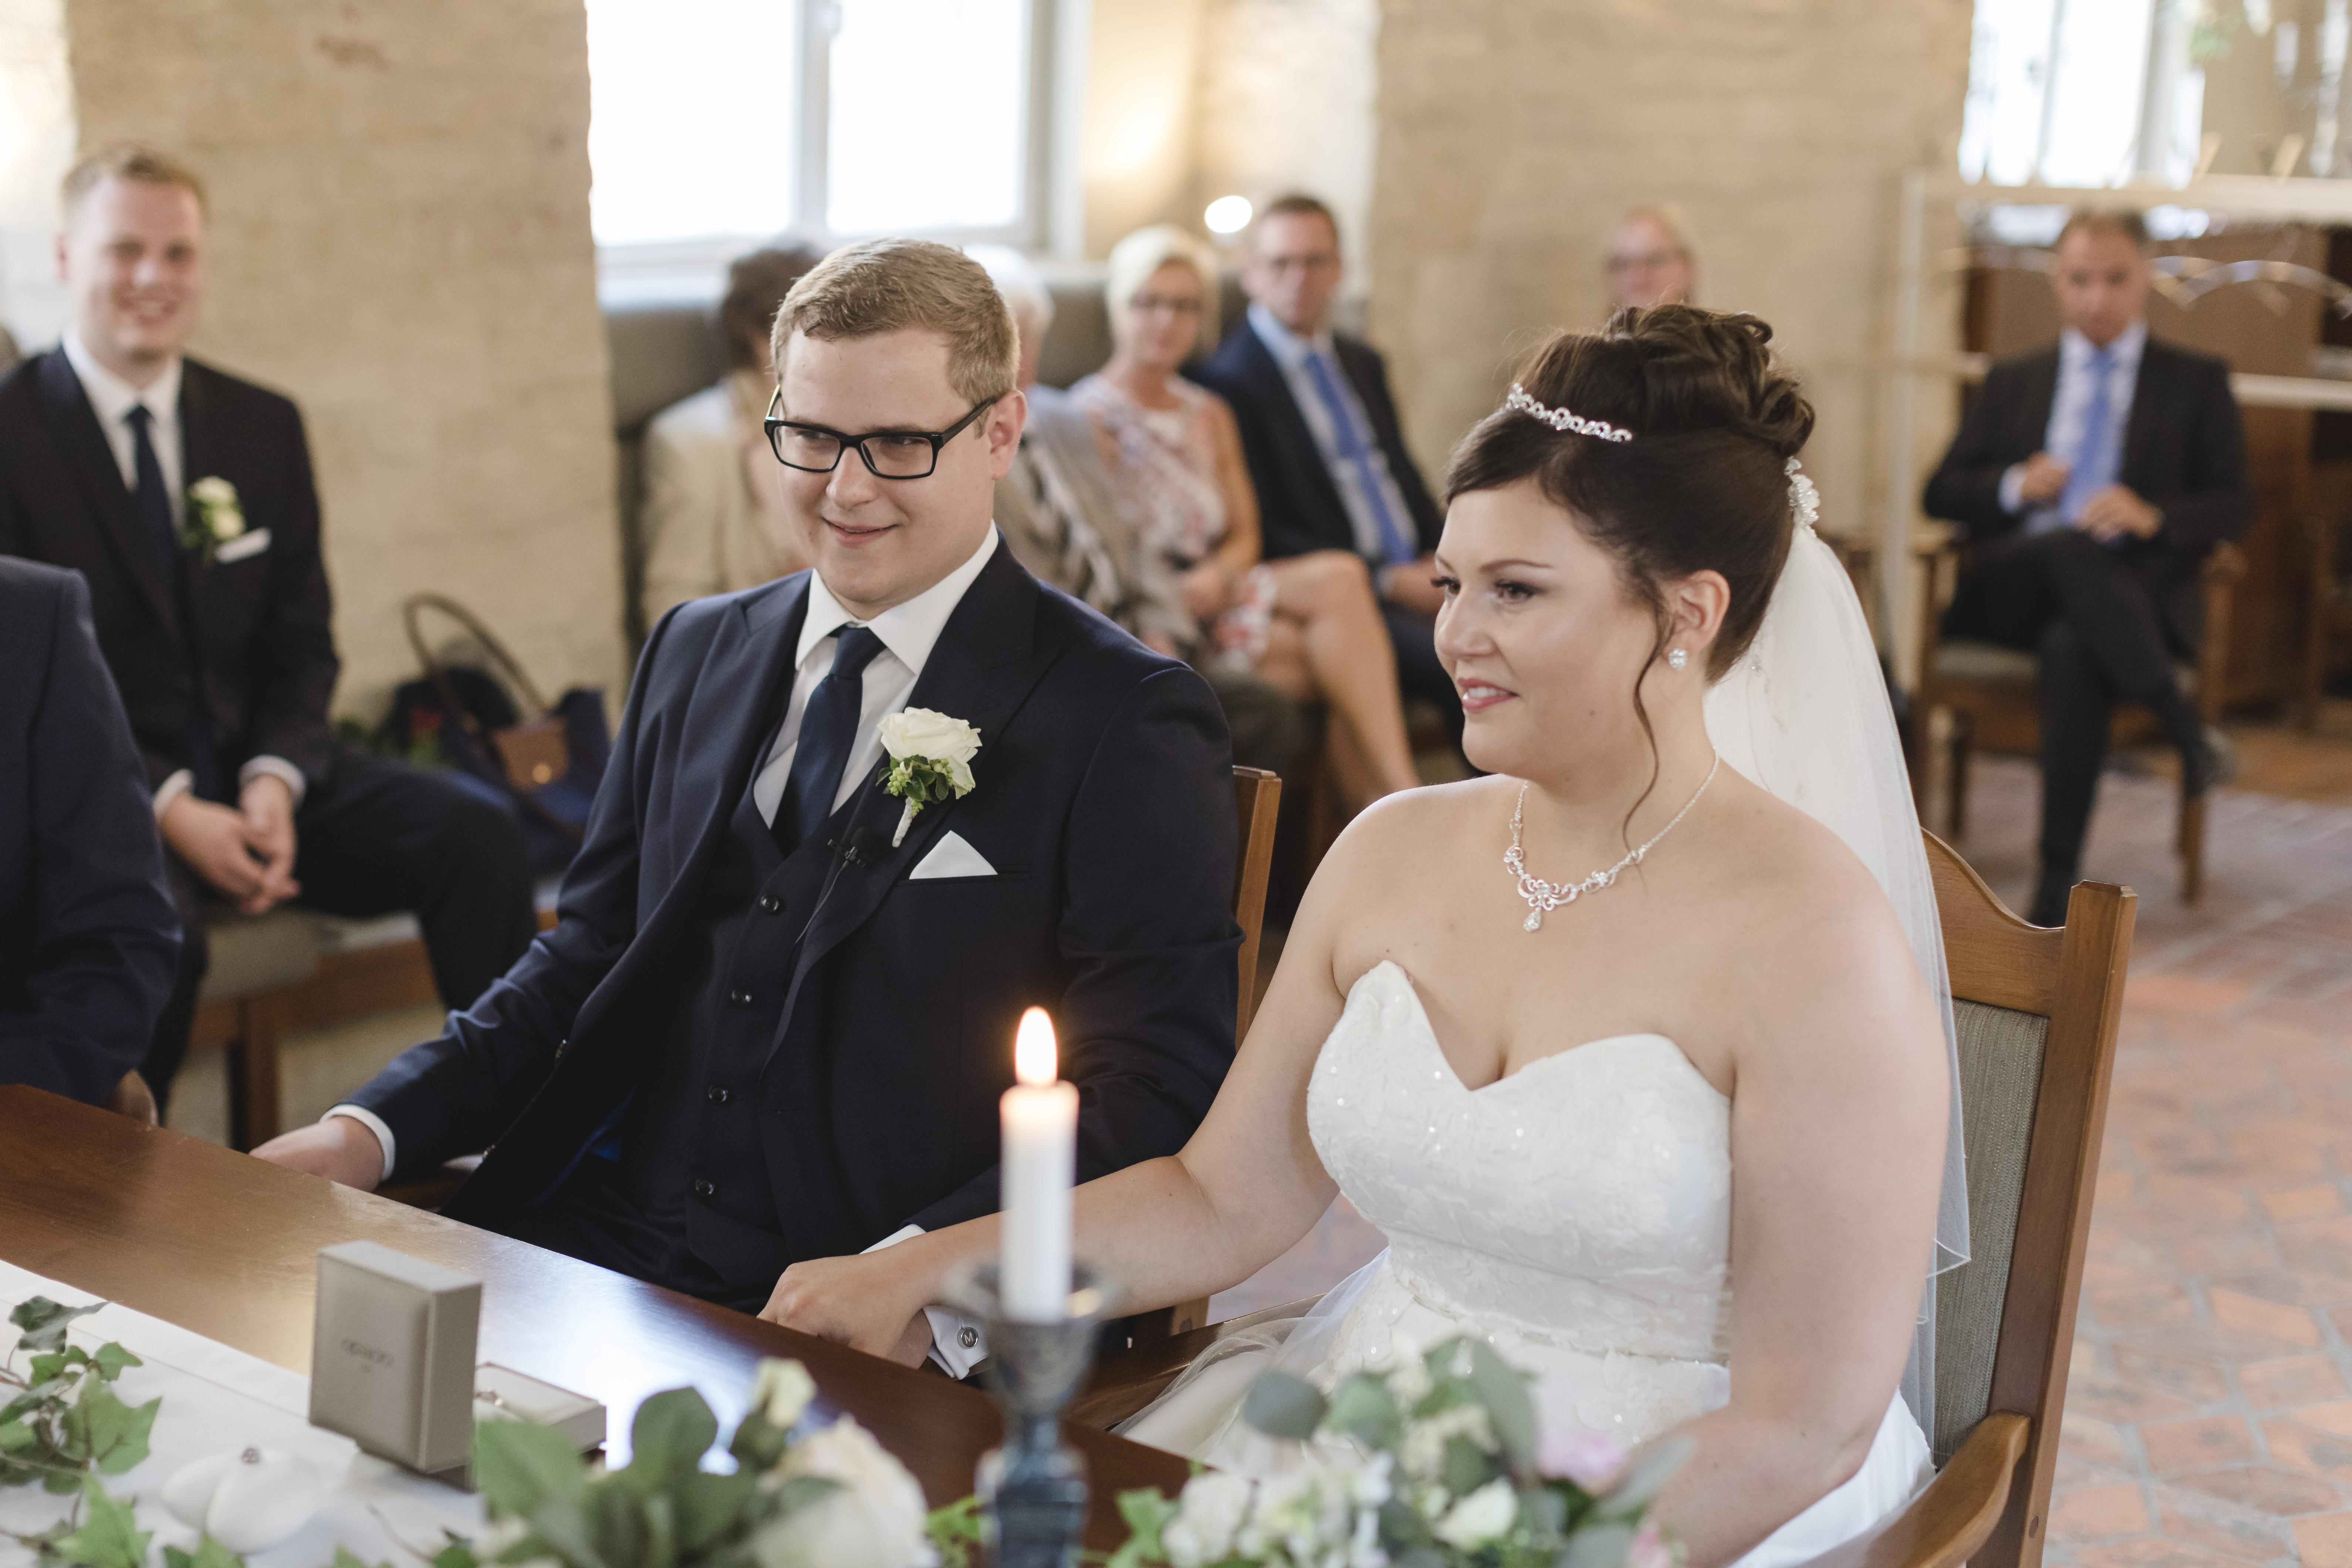 Hochzeitsfotograf Hamburg - Brautpaar lauscht der Traurede